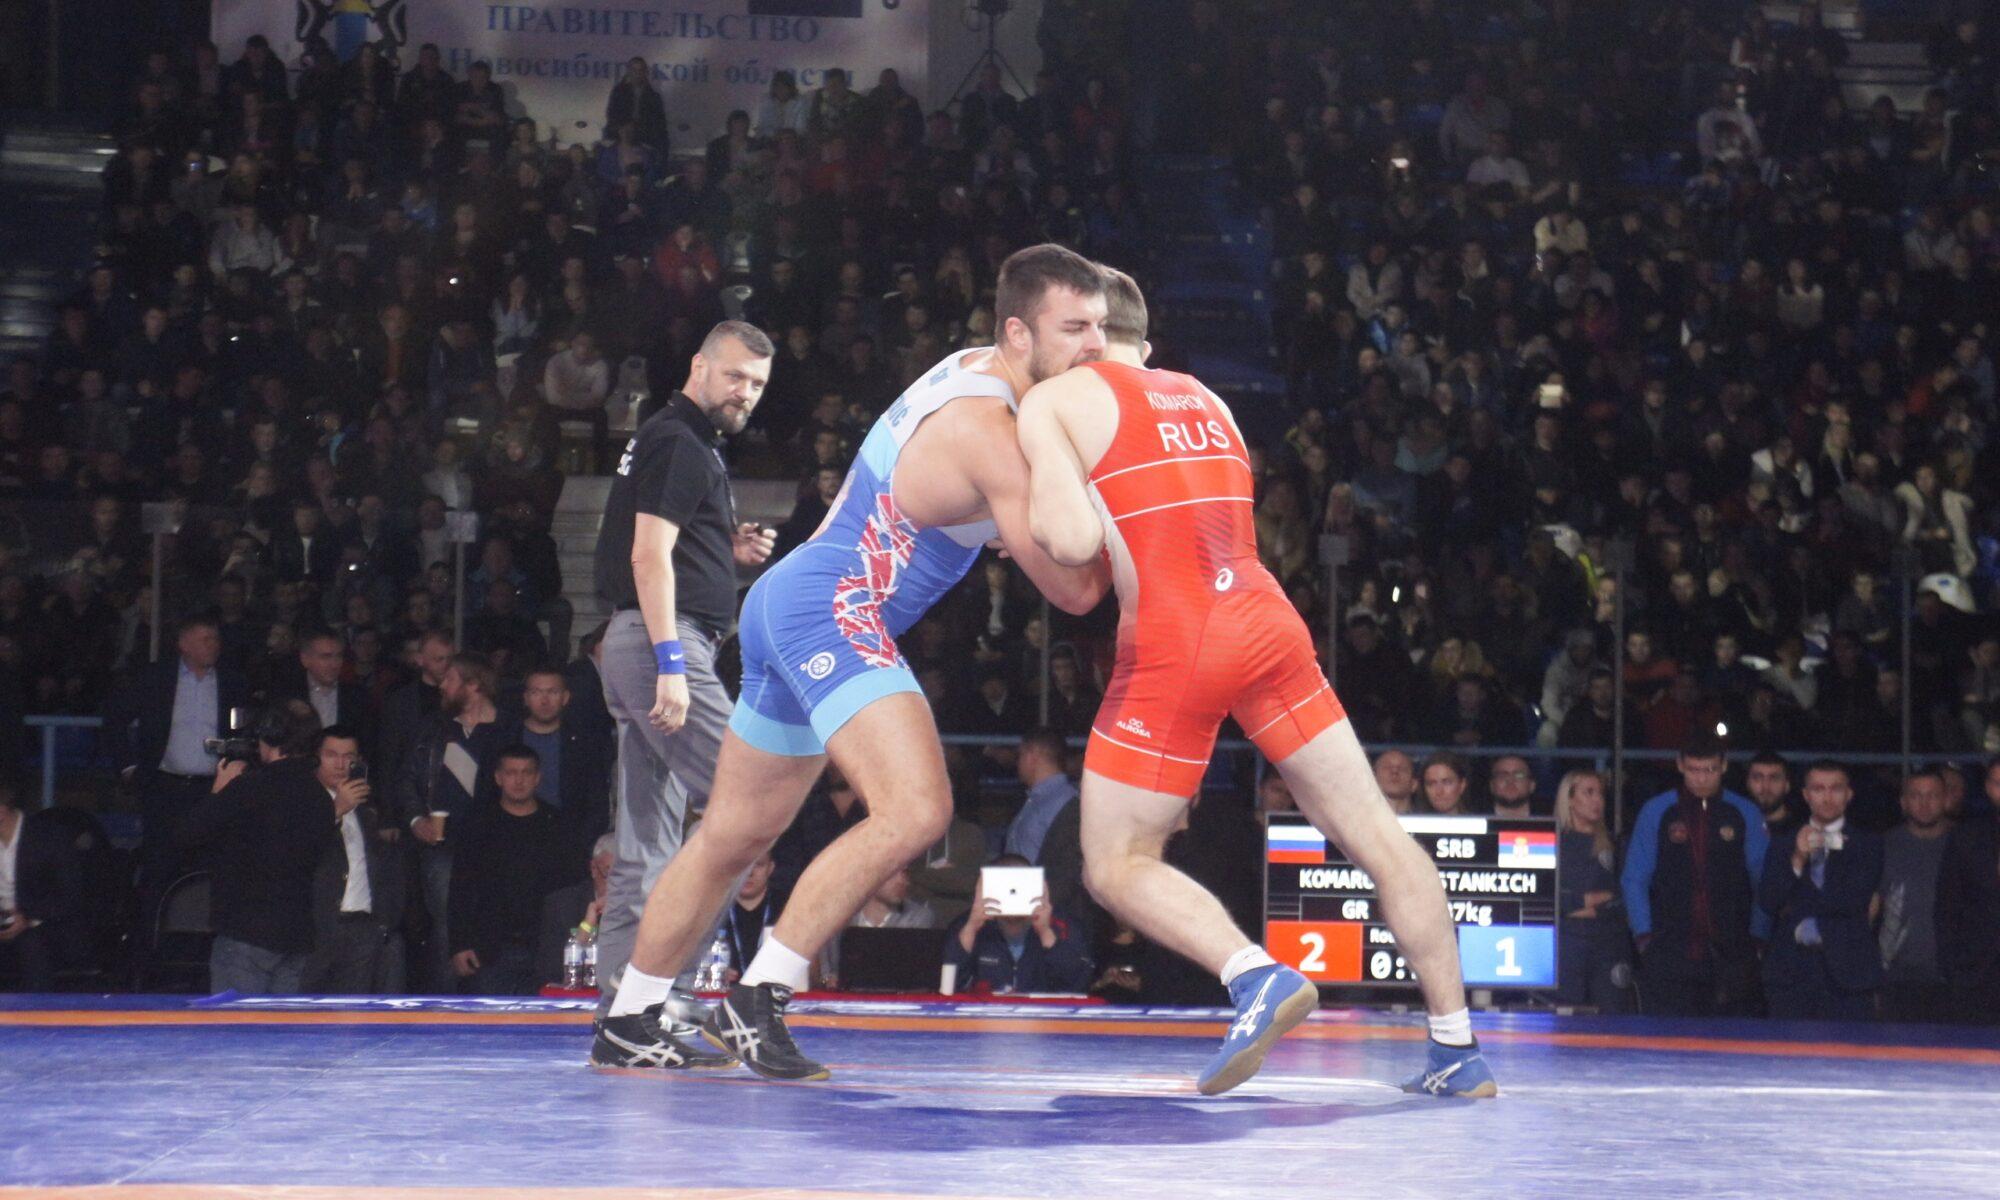 Борьба в Сибири: как проходит чемпионат России по Греко-Римской борьбе